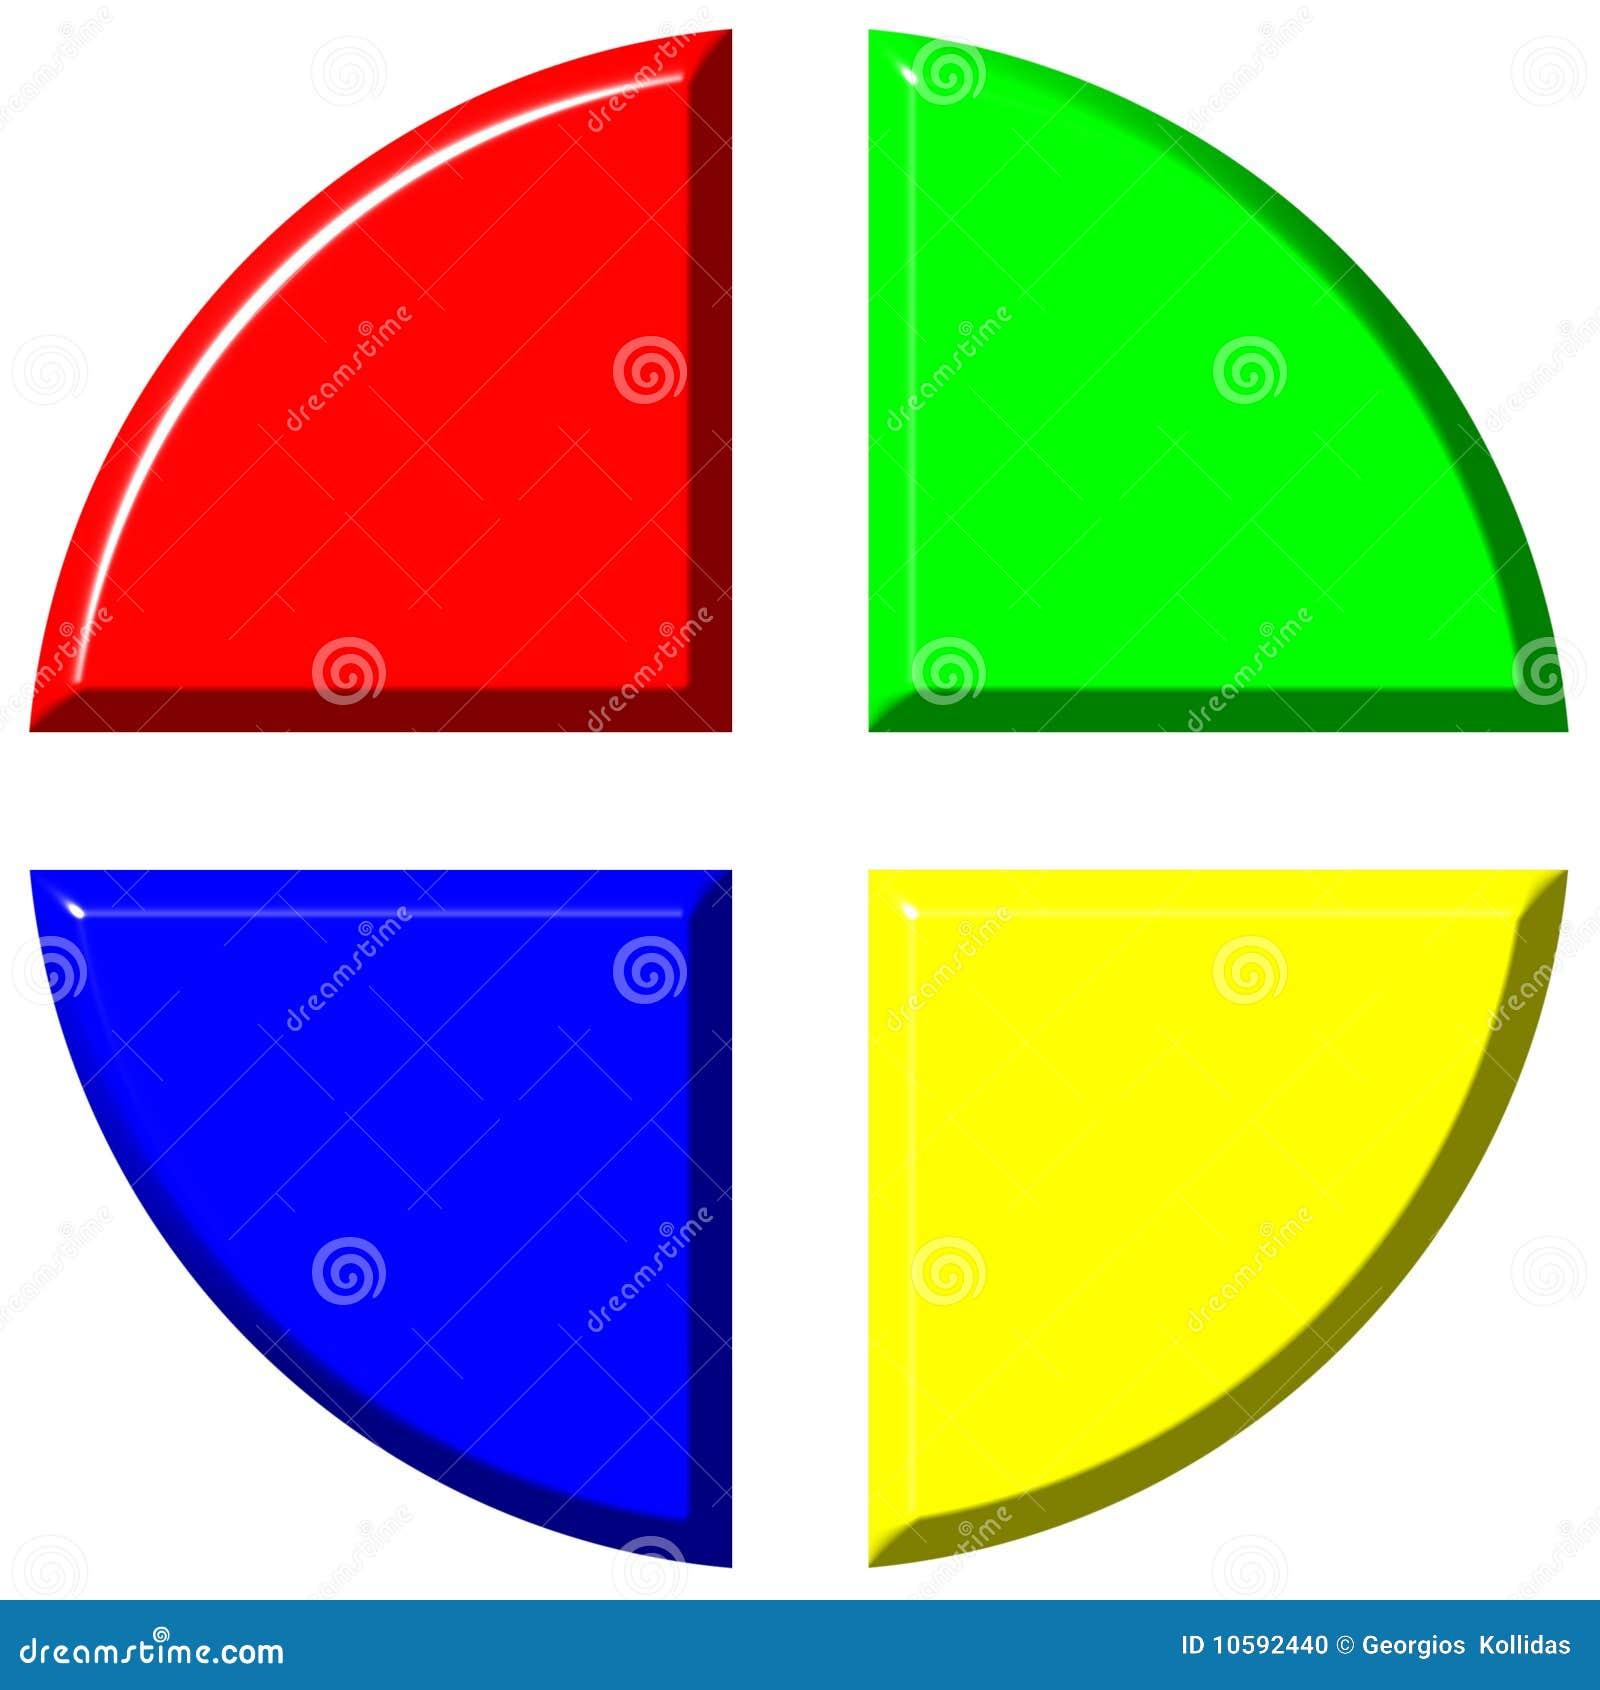 Diagramme circulaire 3d coloré avec quatre parties égales